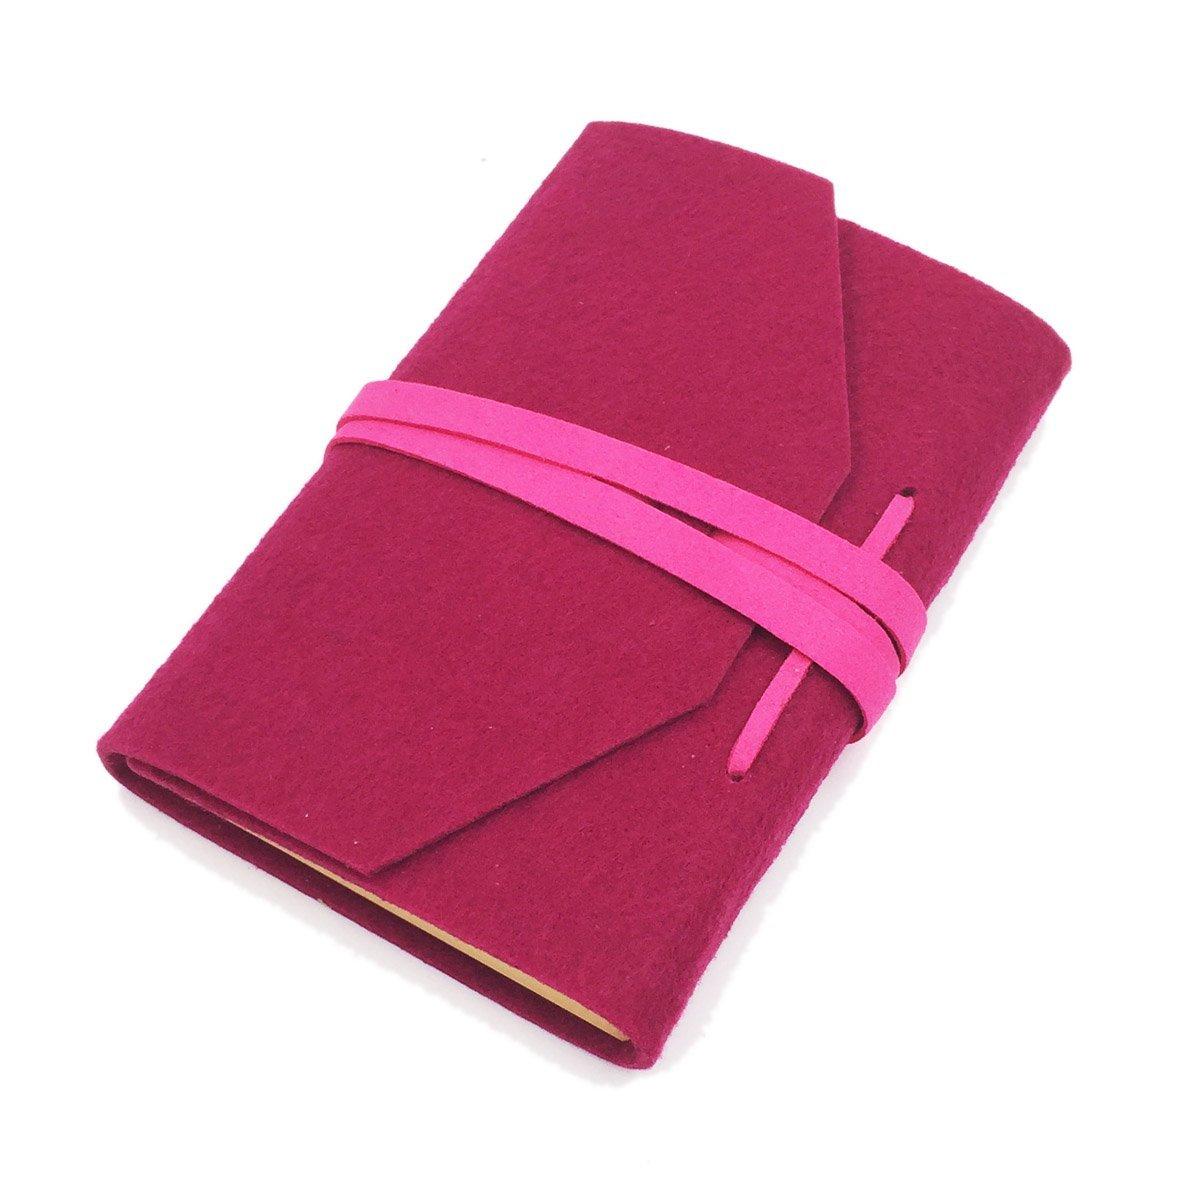 Sayeec, quaderno A4 con copertina rigida in feltro, stile vintage, per disegno, diario di viaggio e scrittura 7.2*5inch Black Saye E-commerce